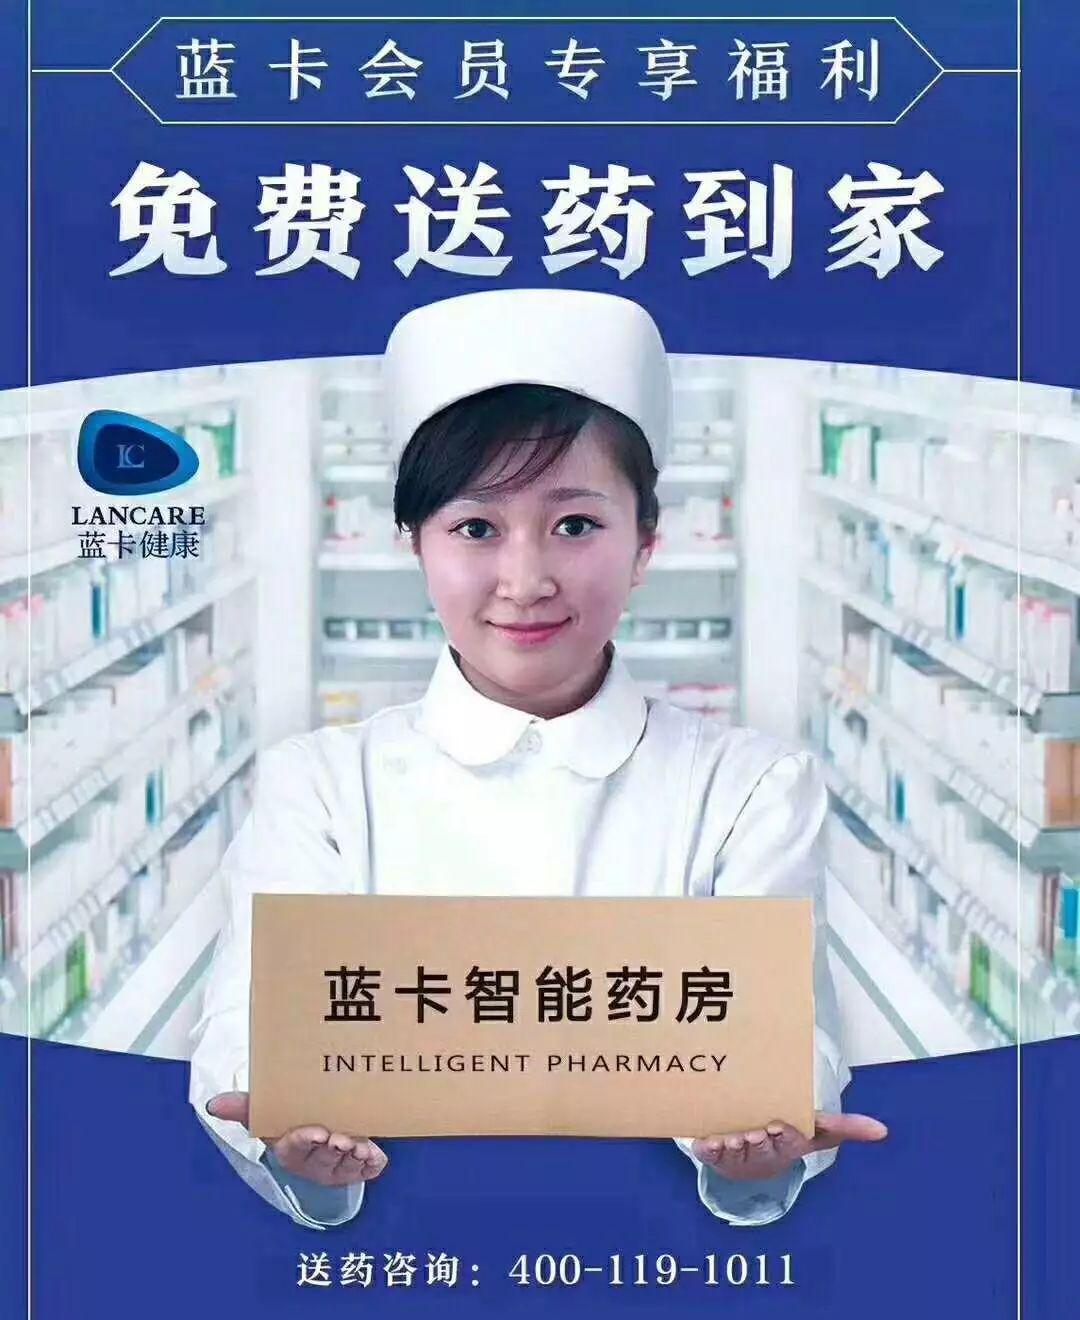 蓝卡智能药房已在北京、许昌、周口设点!附在线购药流程